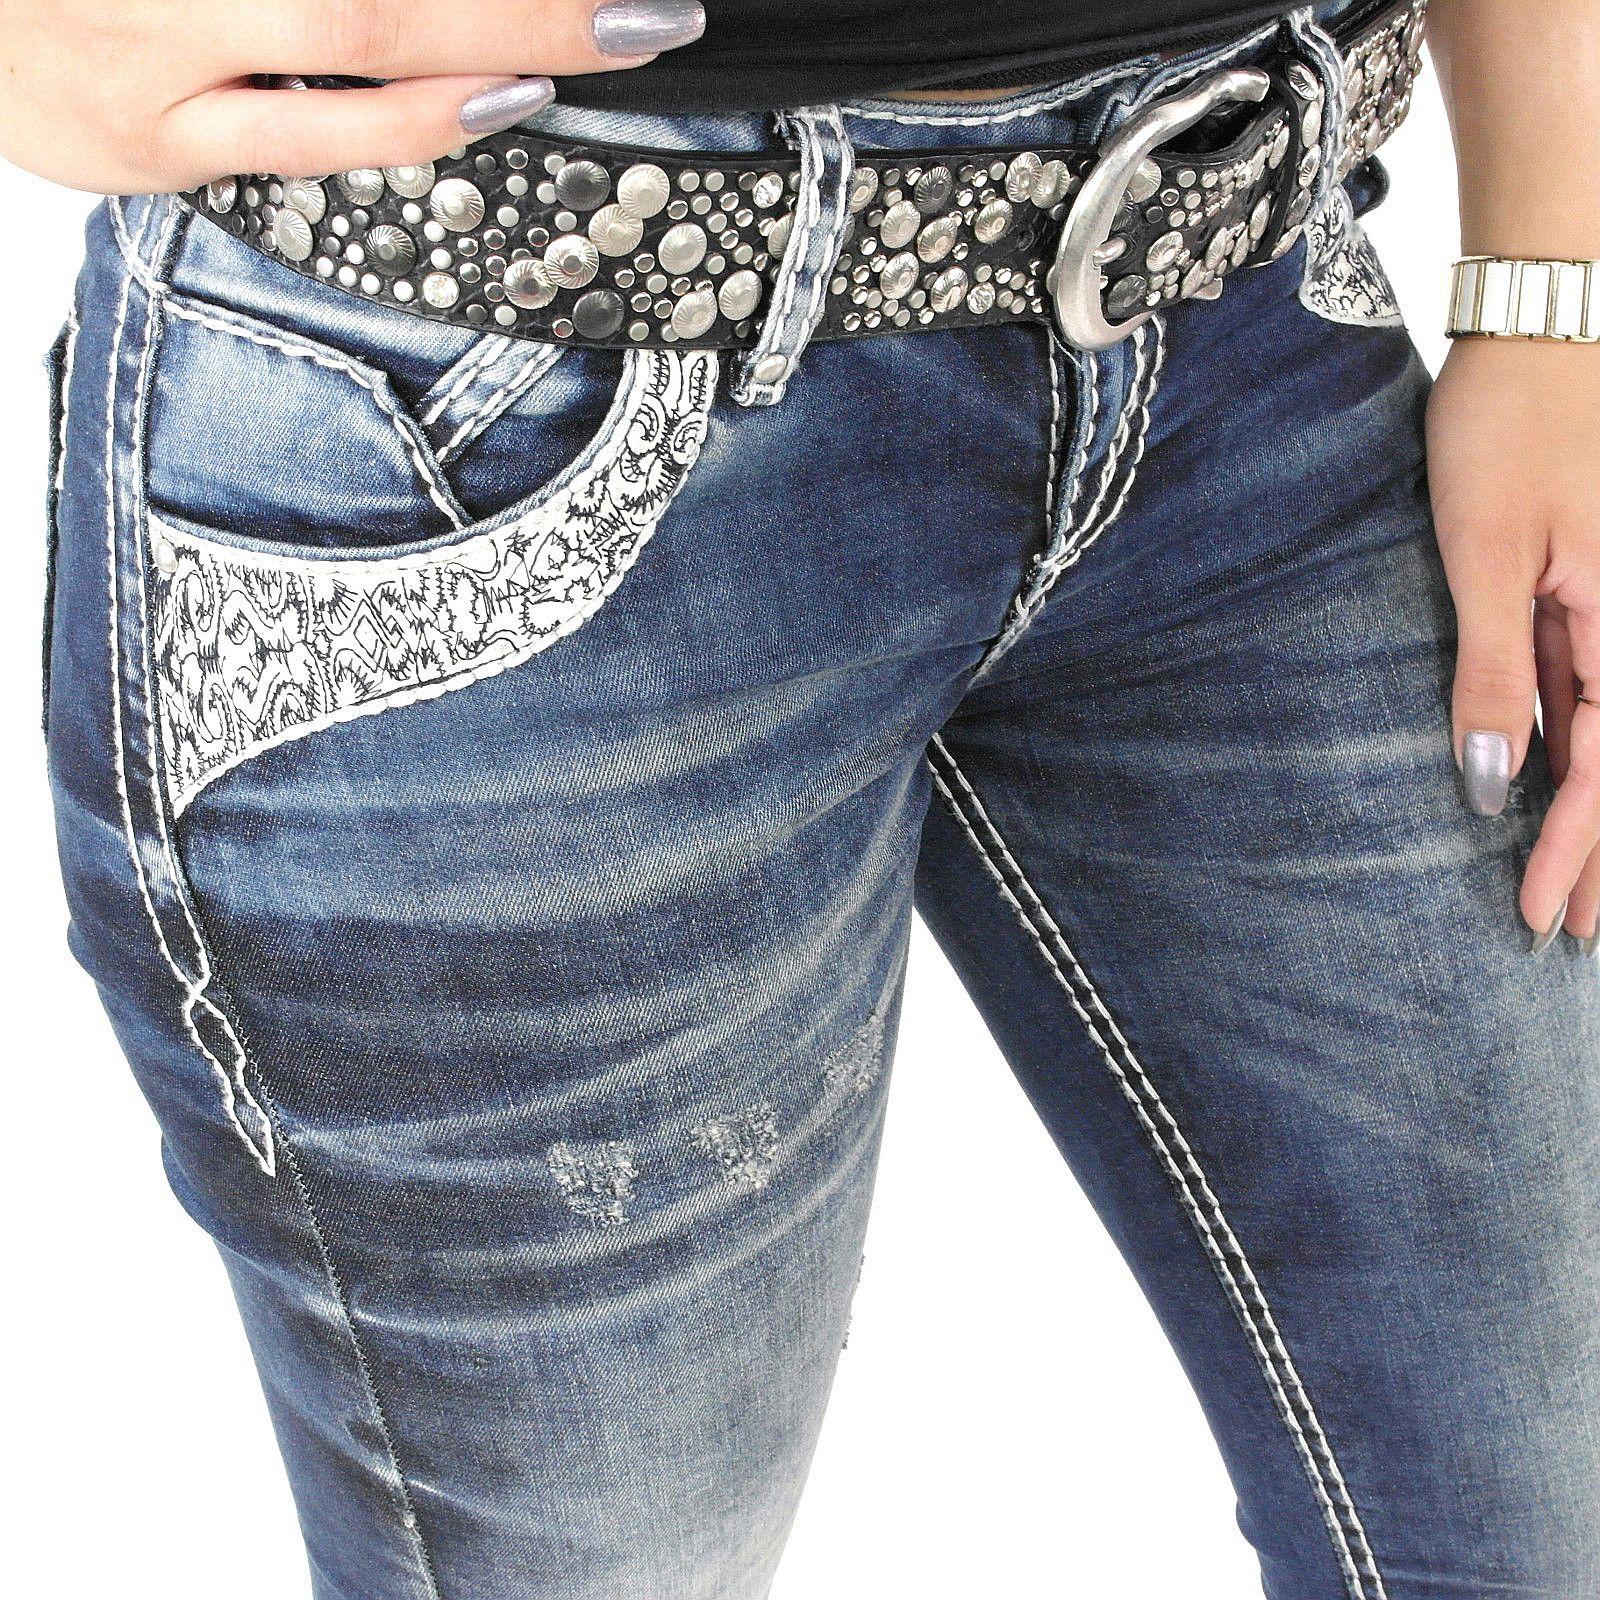 neuer Stil & Luxus im Angebot spätester Verkauf Ausgefallene Damenjeans der Fashion Marke Cipo & Baxx zu ...